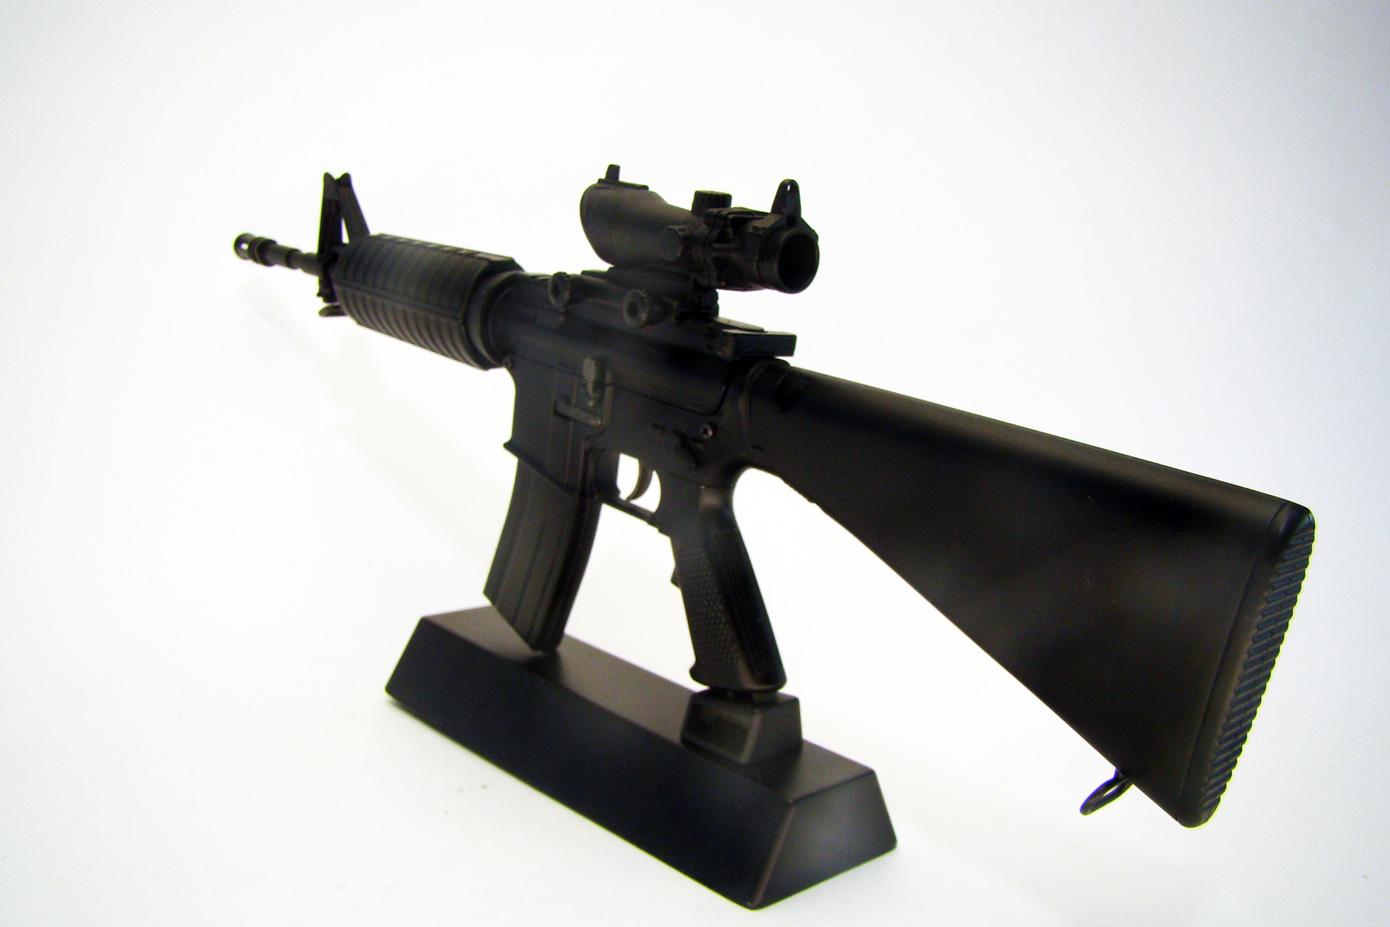 Colt AR15 изображение 2